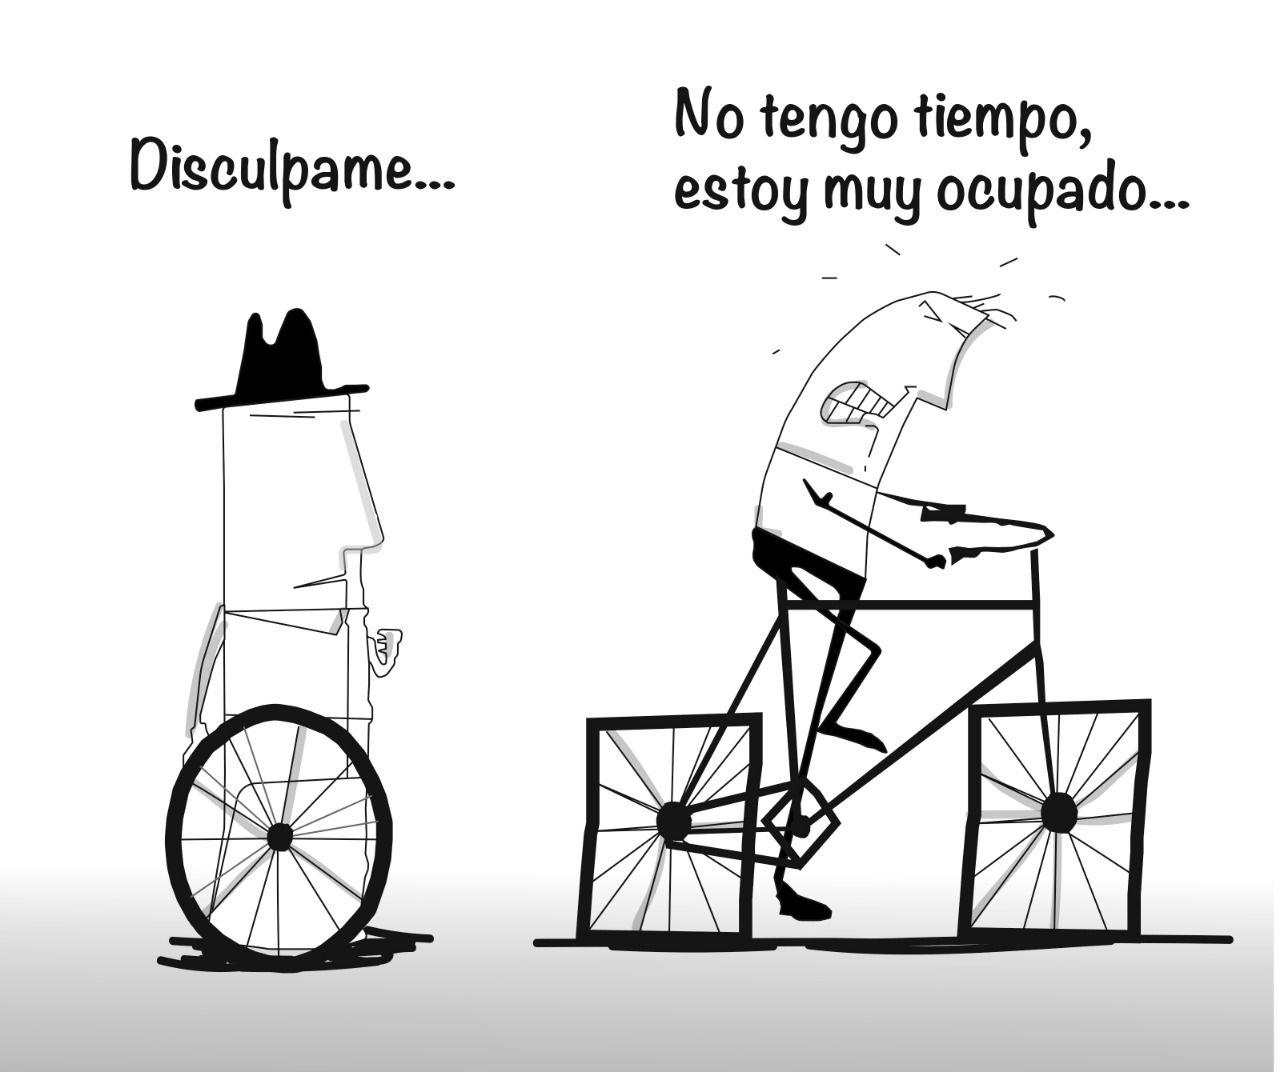 Curso de productividad y desarrollo personal - Matias Gandolfo